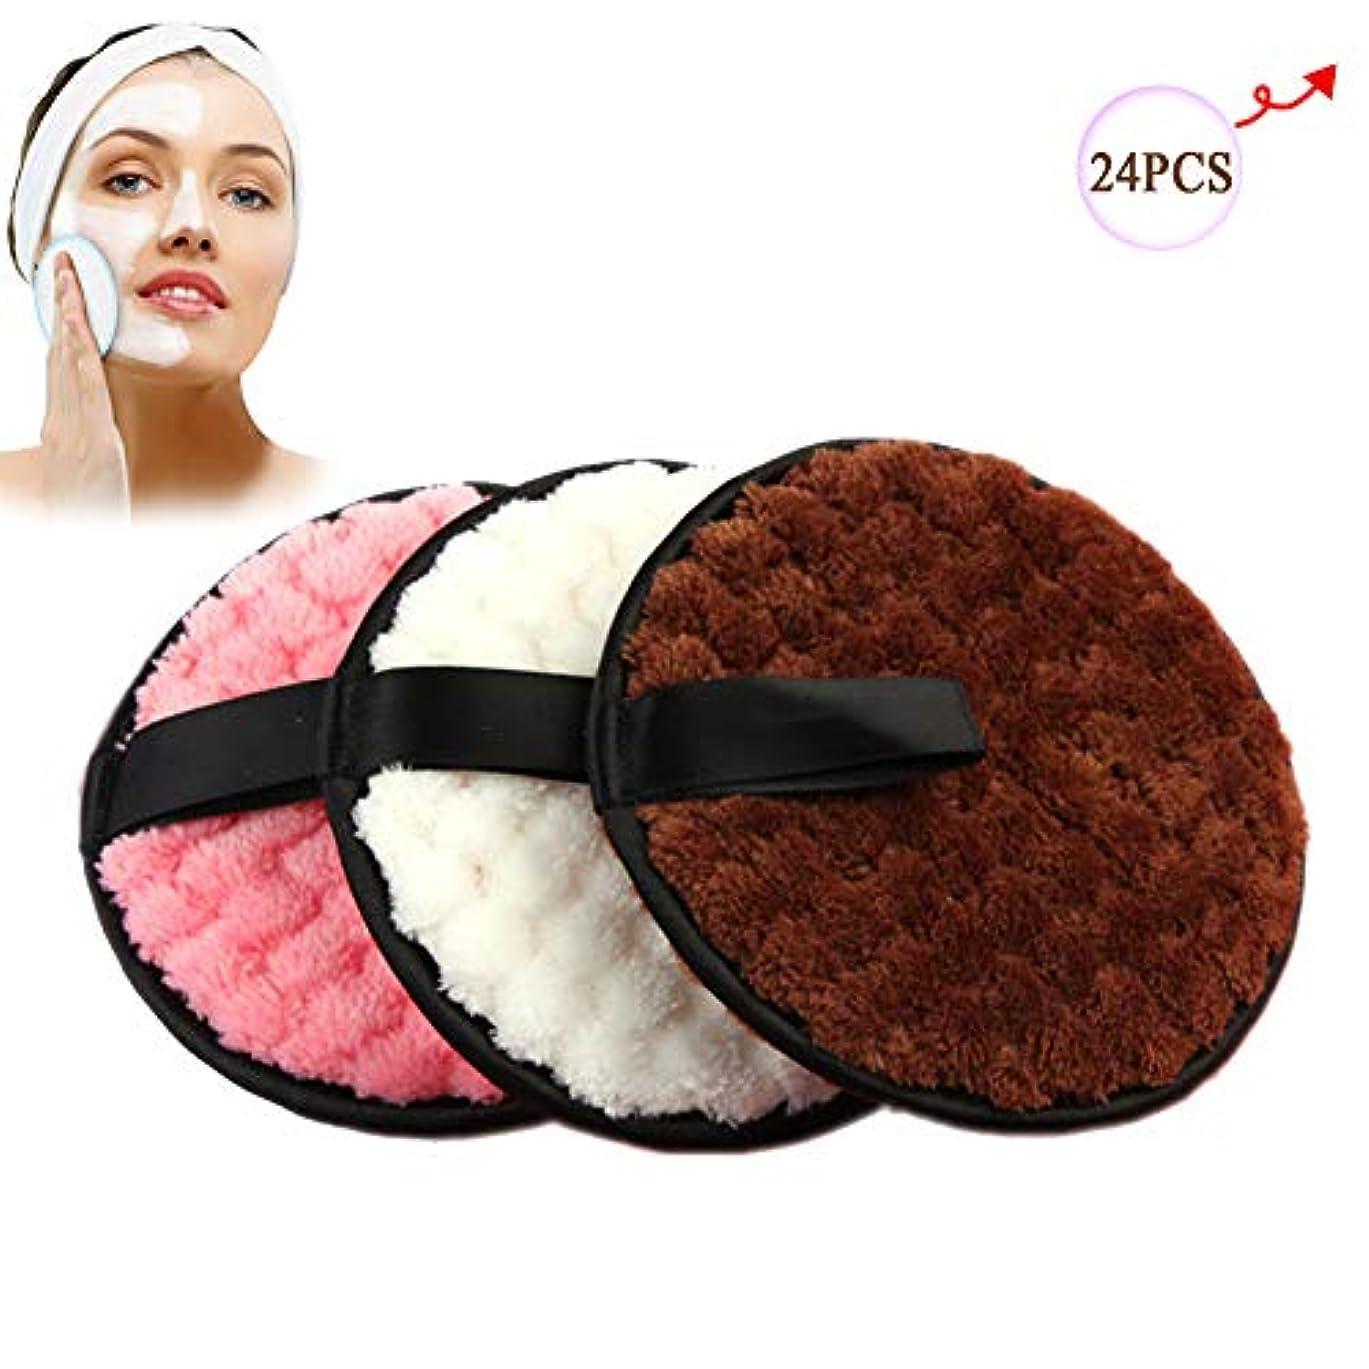 環境に優しいレインコート重要リムーバーパッド、再利用可能なクレンジングコットンファイバー吸収性綿パッド女性のための顔/目/唇,24PCS